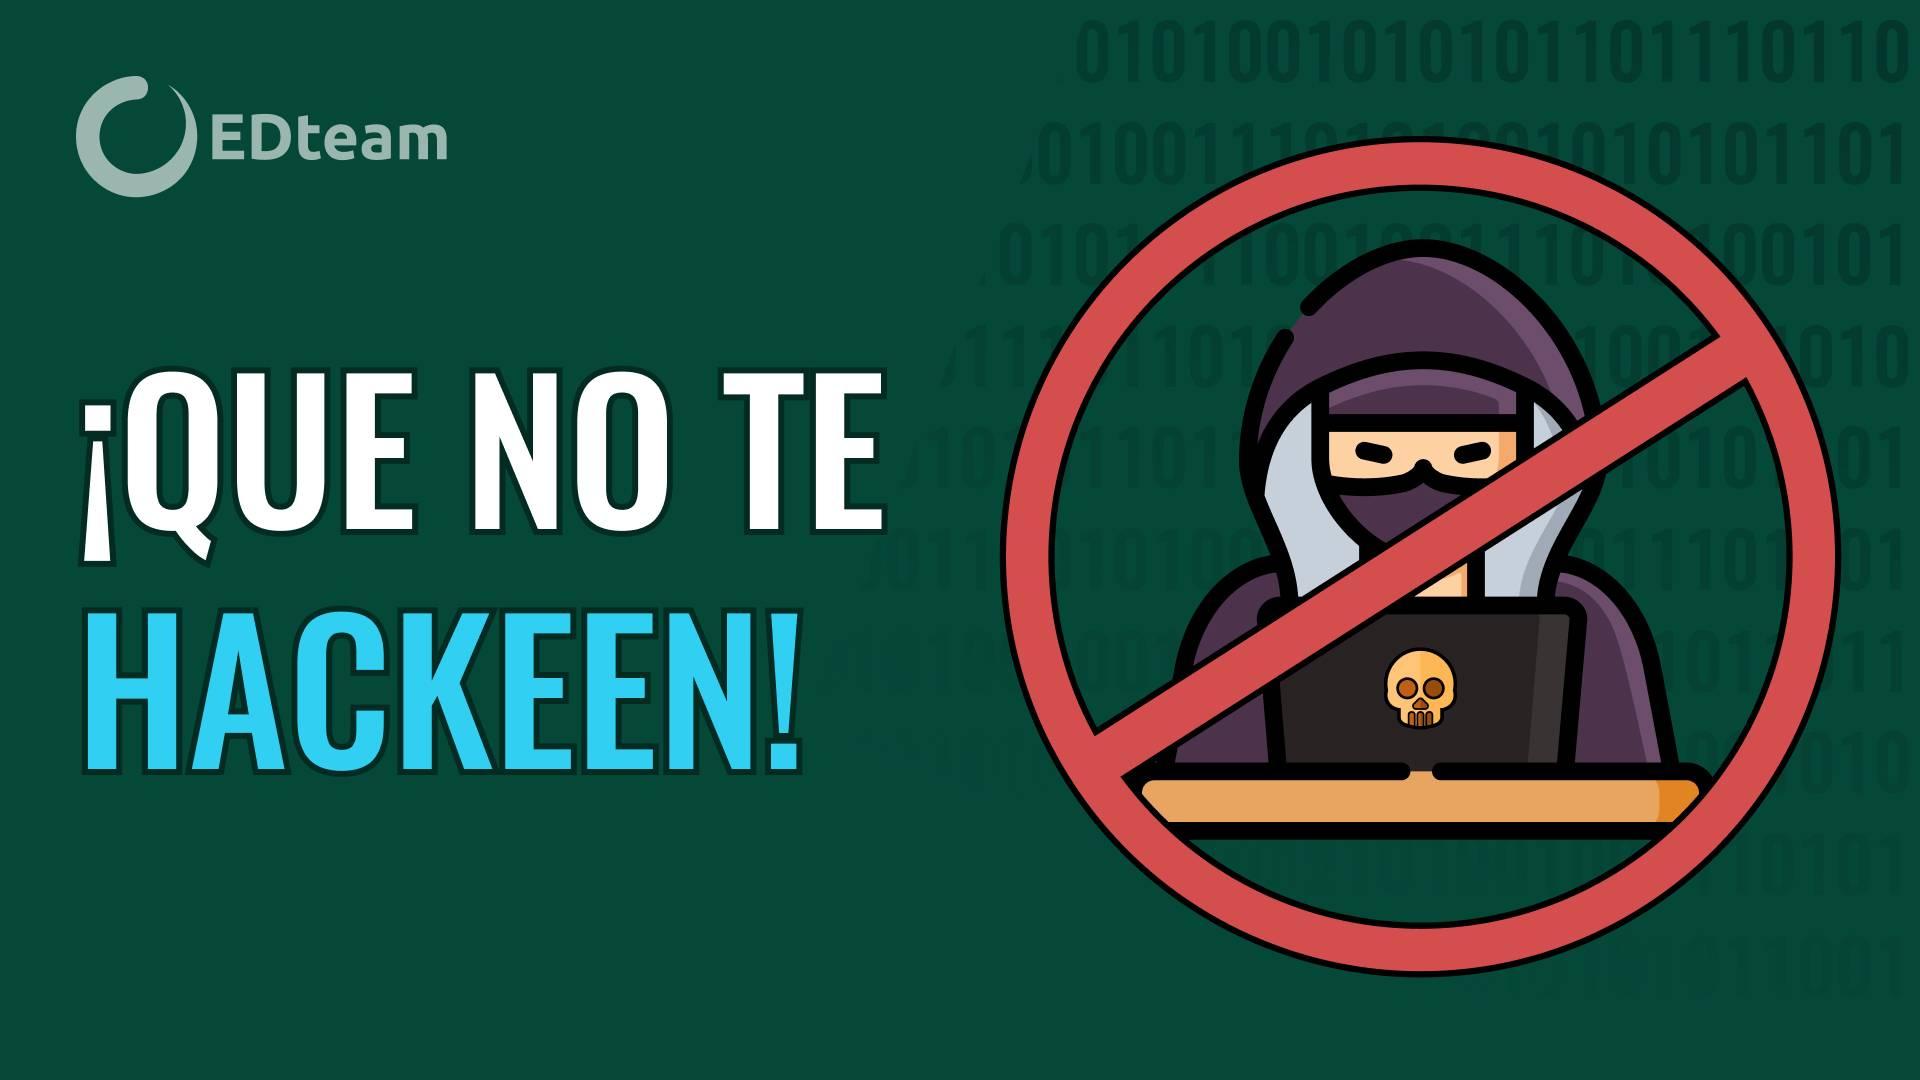 ¡La seguridad informática es para todos!